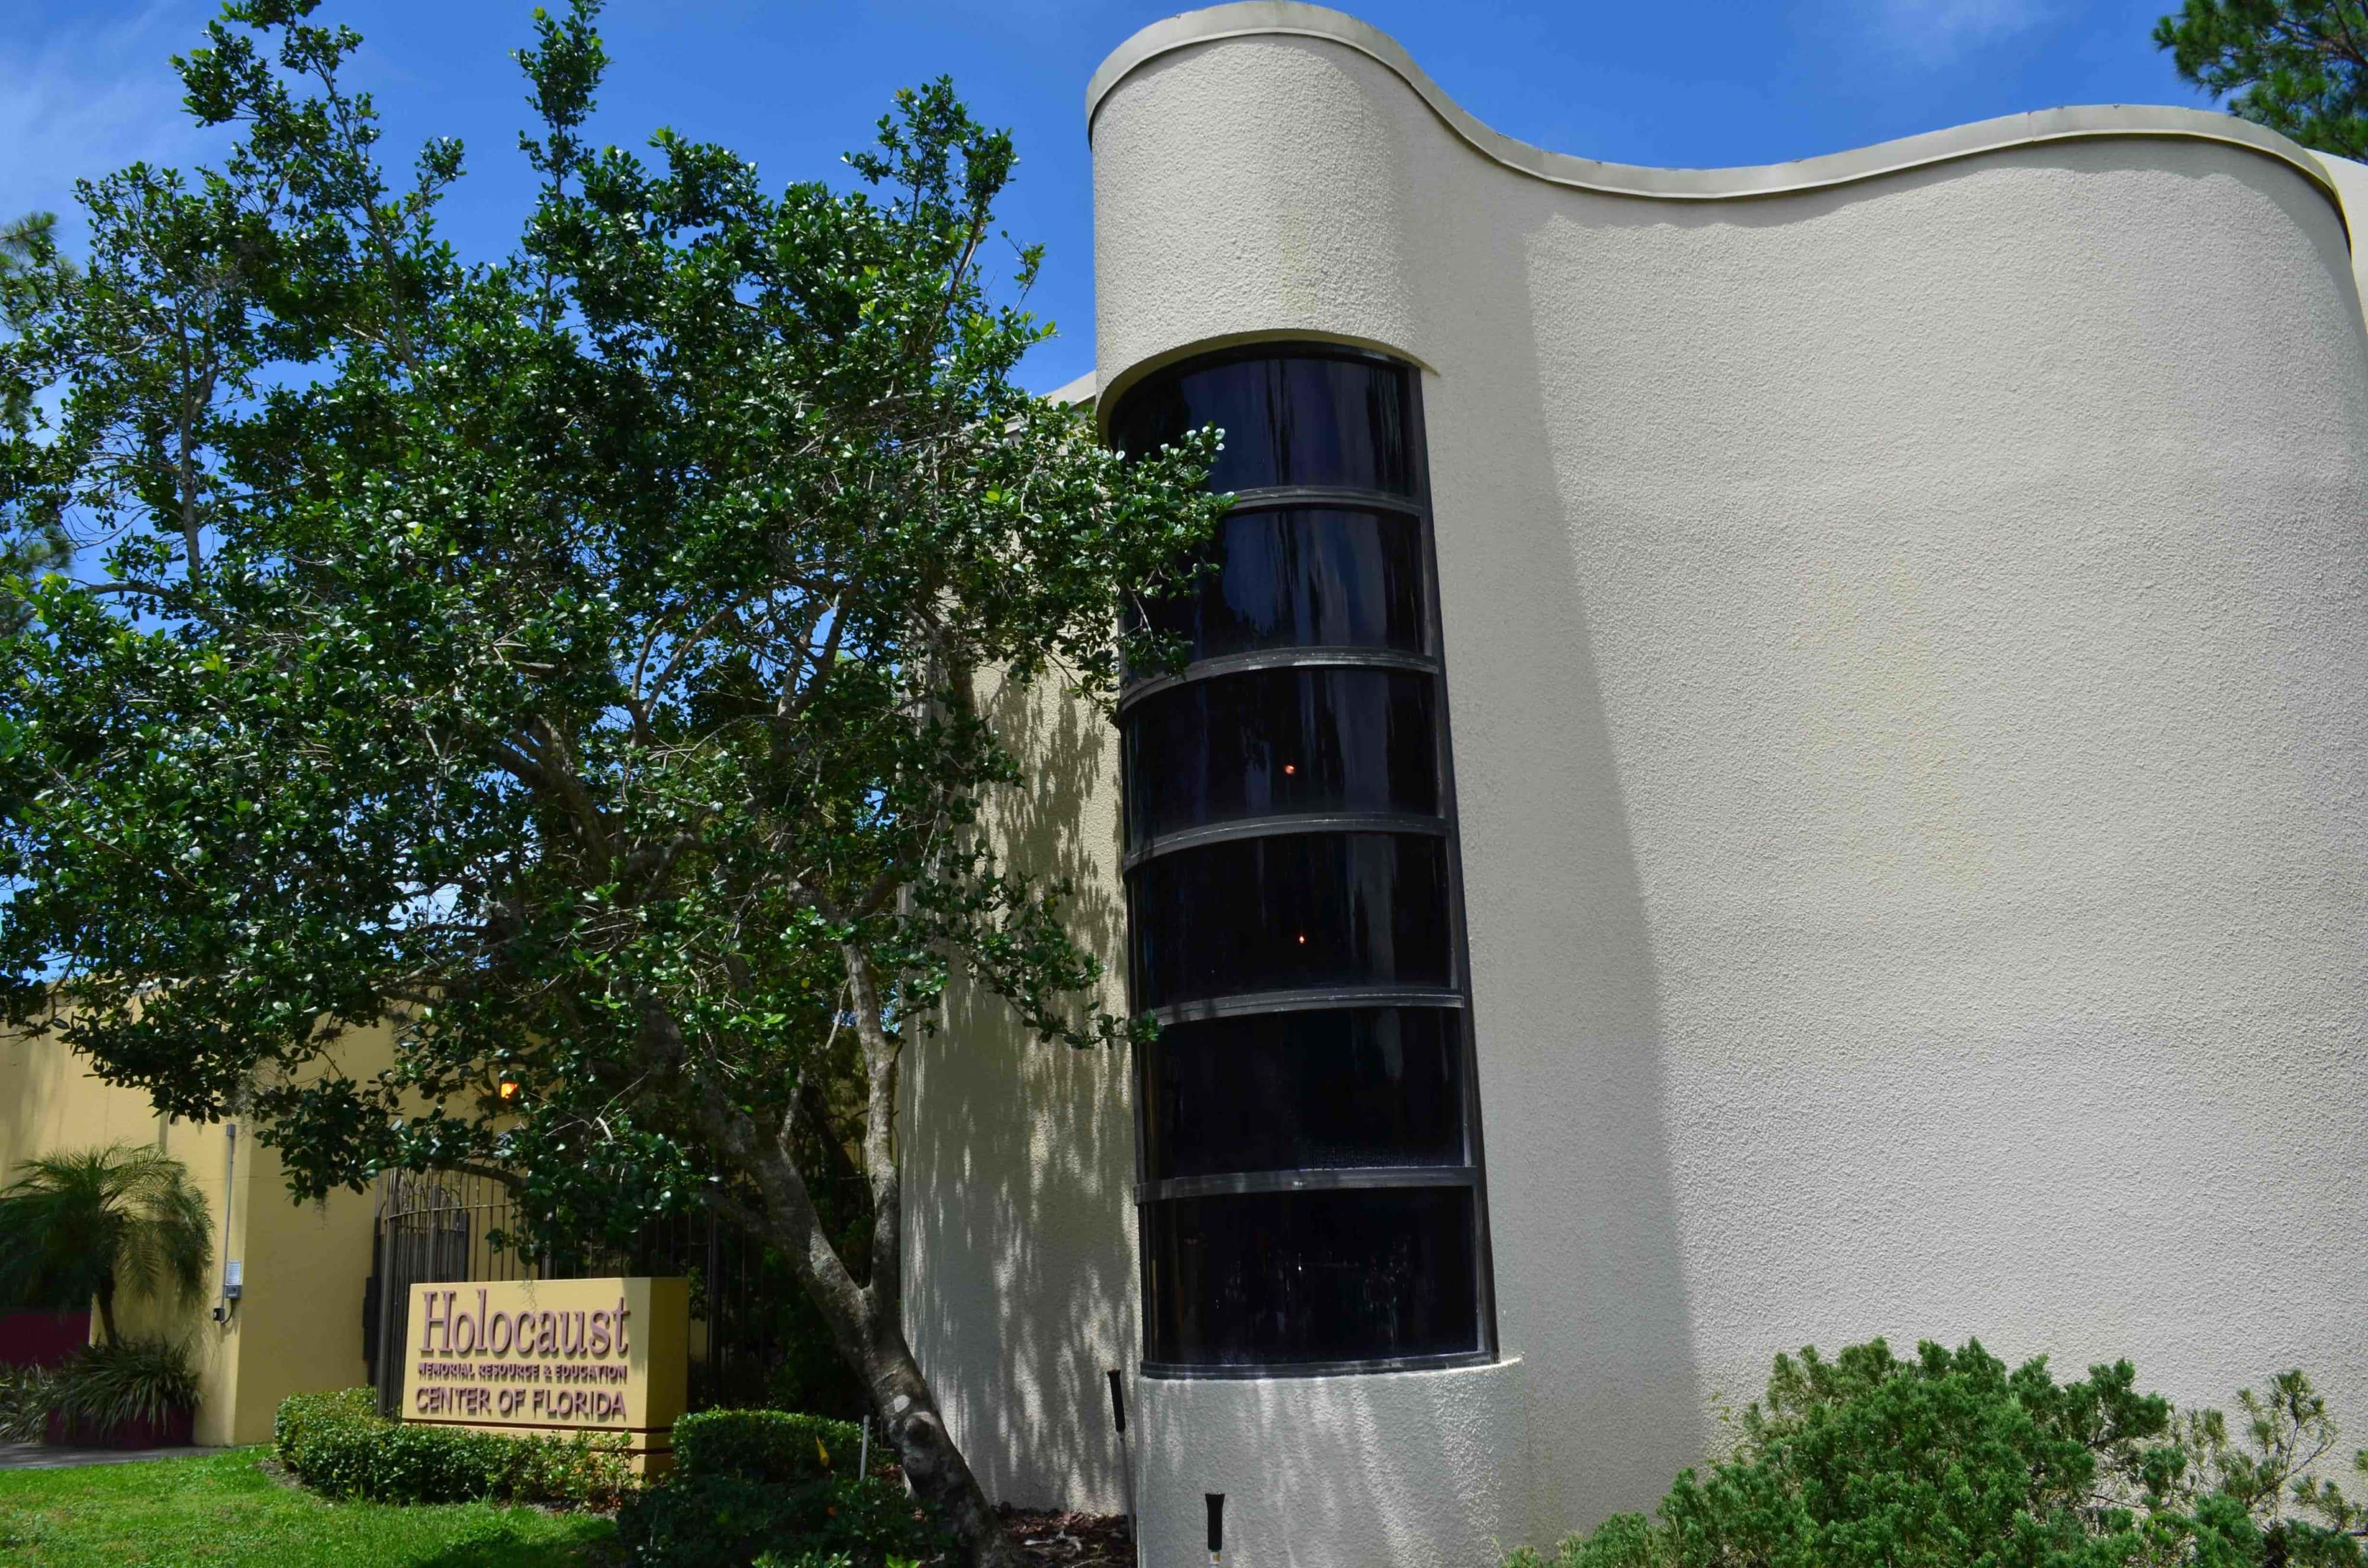 Holocaust Memorial Resource & Education Center of Florida